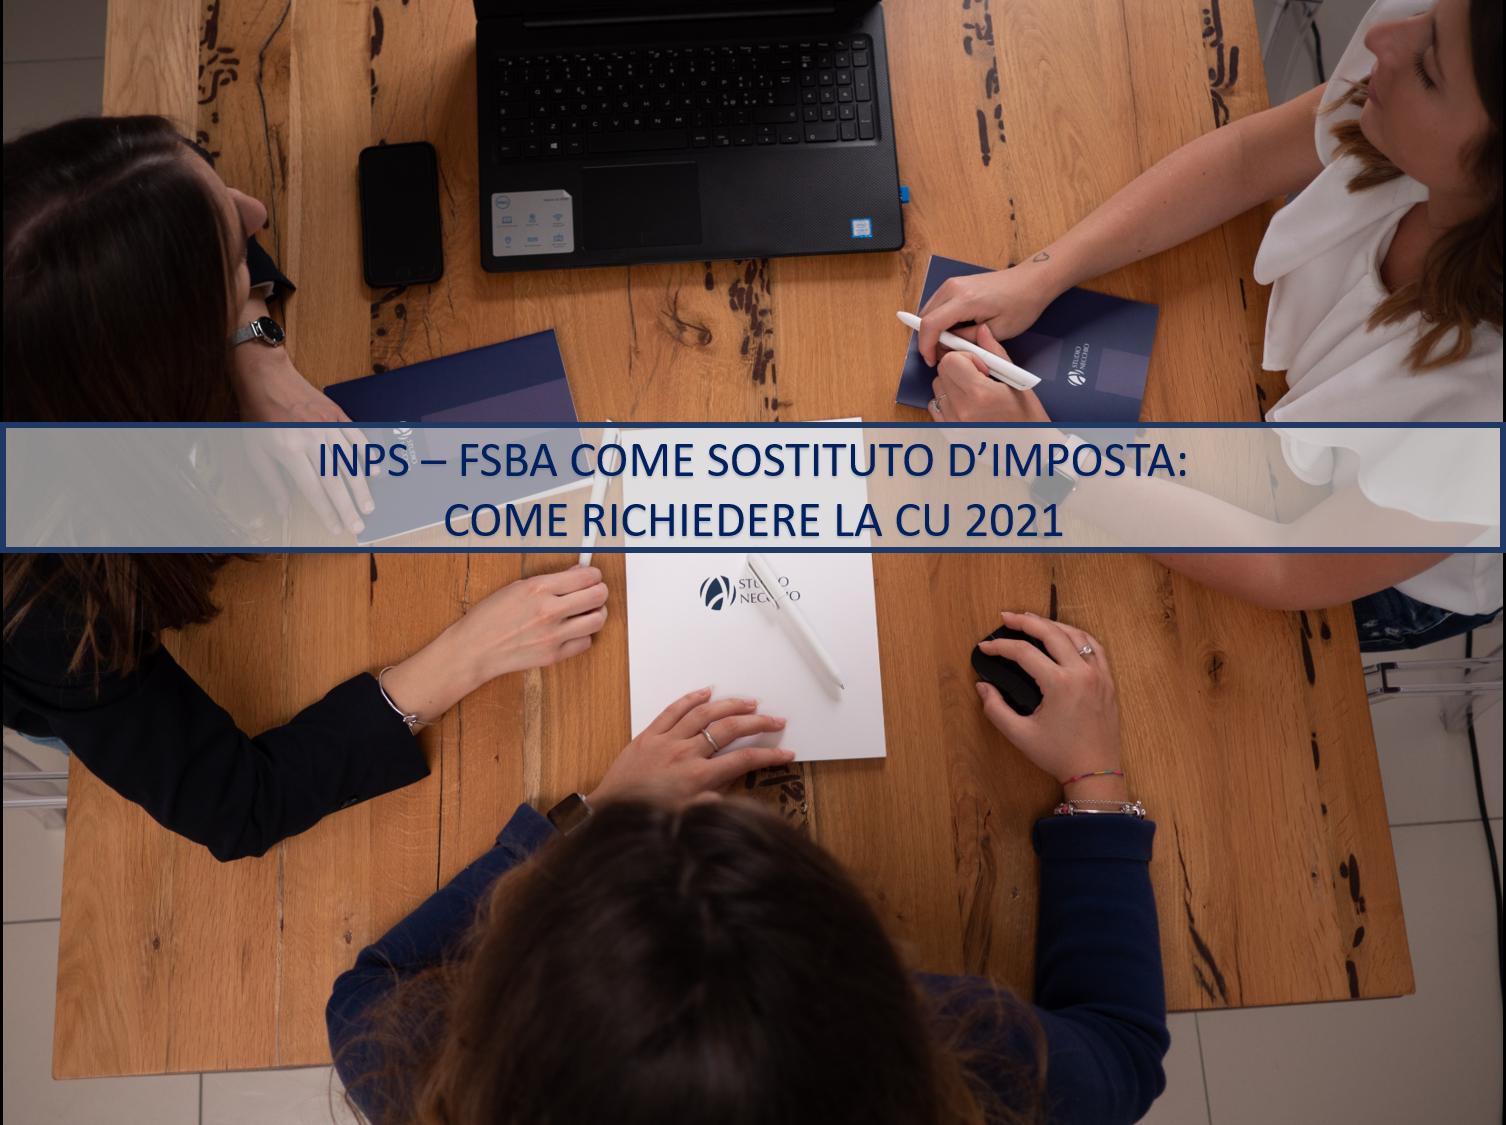 INPS – FSBA COME SOSTITUTO D'IMPOSTA: COME RICHIEDERE LA CU 2021